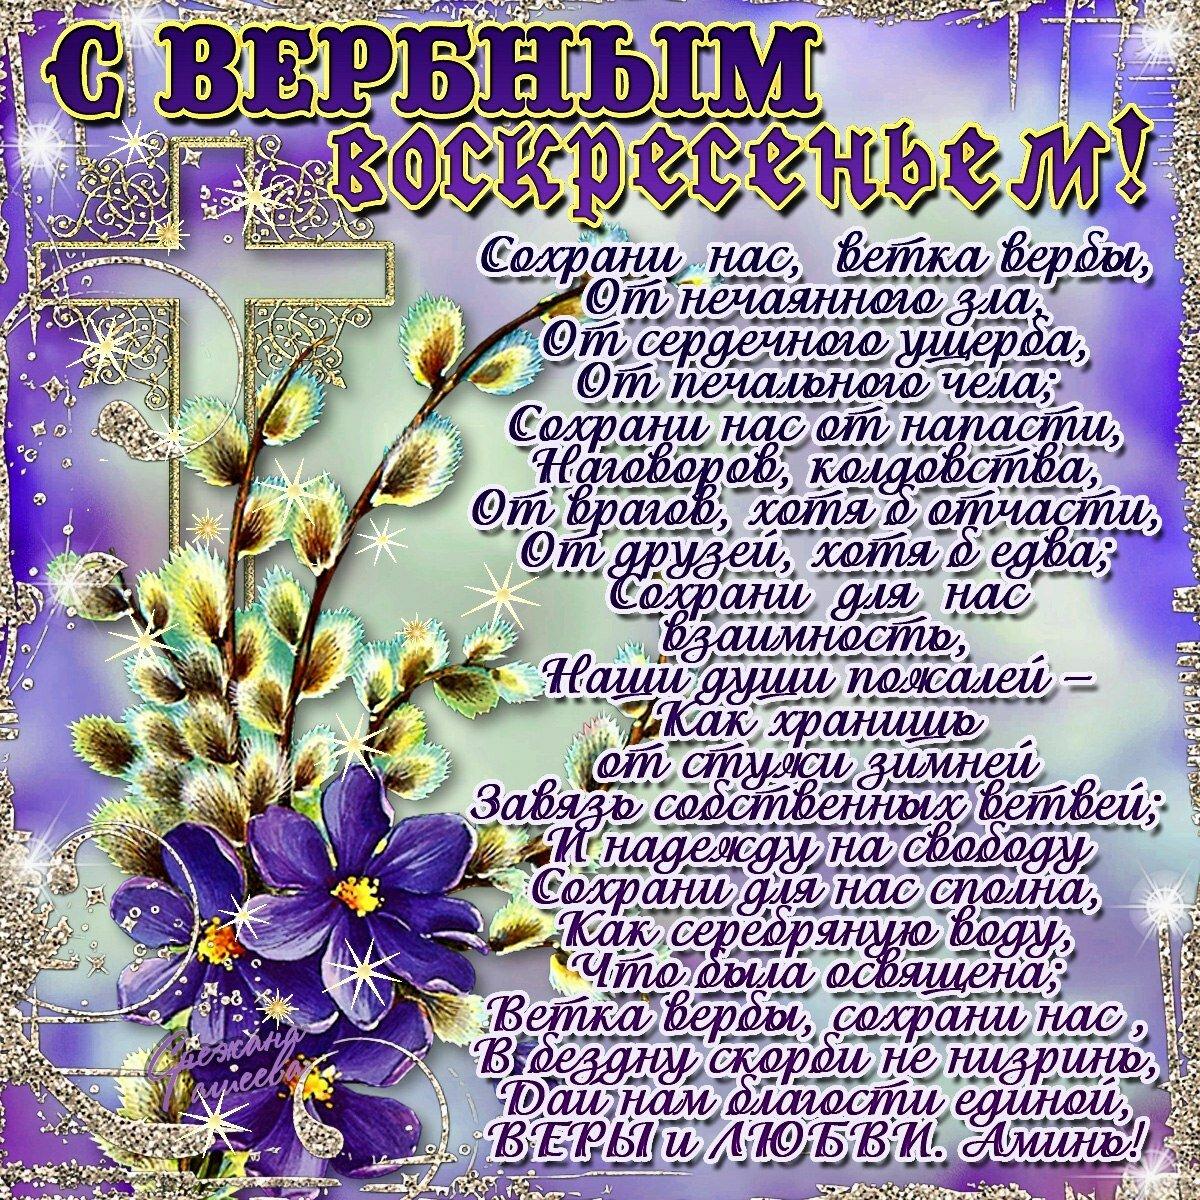 Поздравление с вербный воскресеньем открытки, лет юбилеем